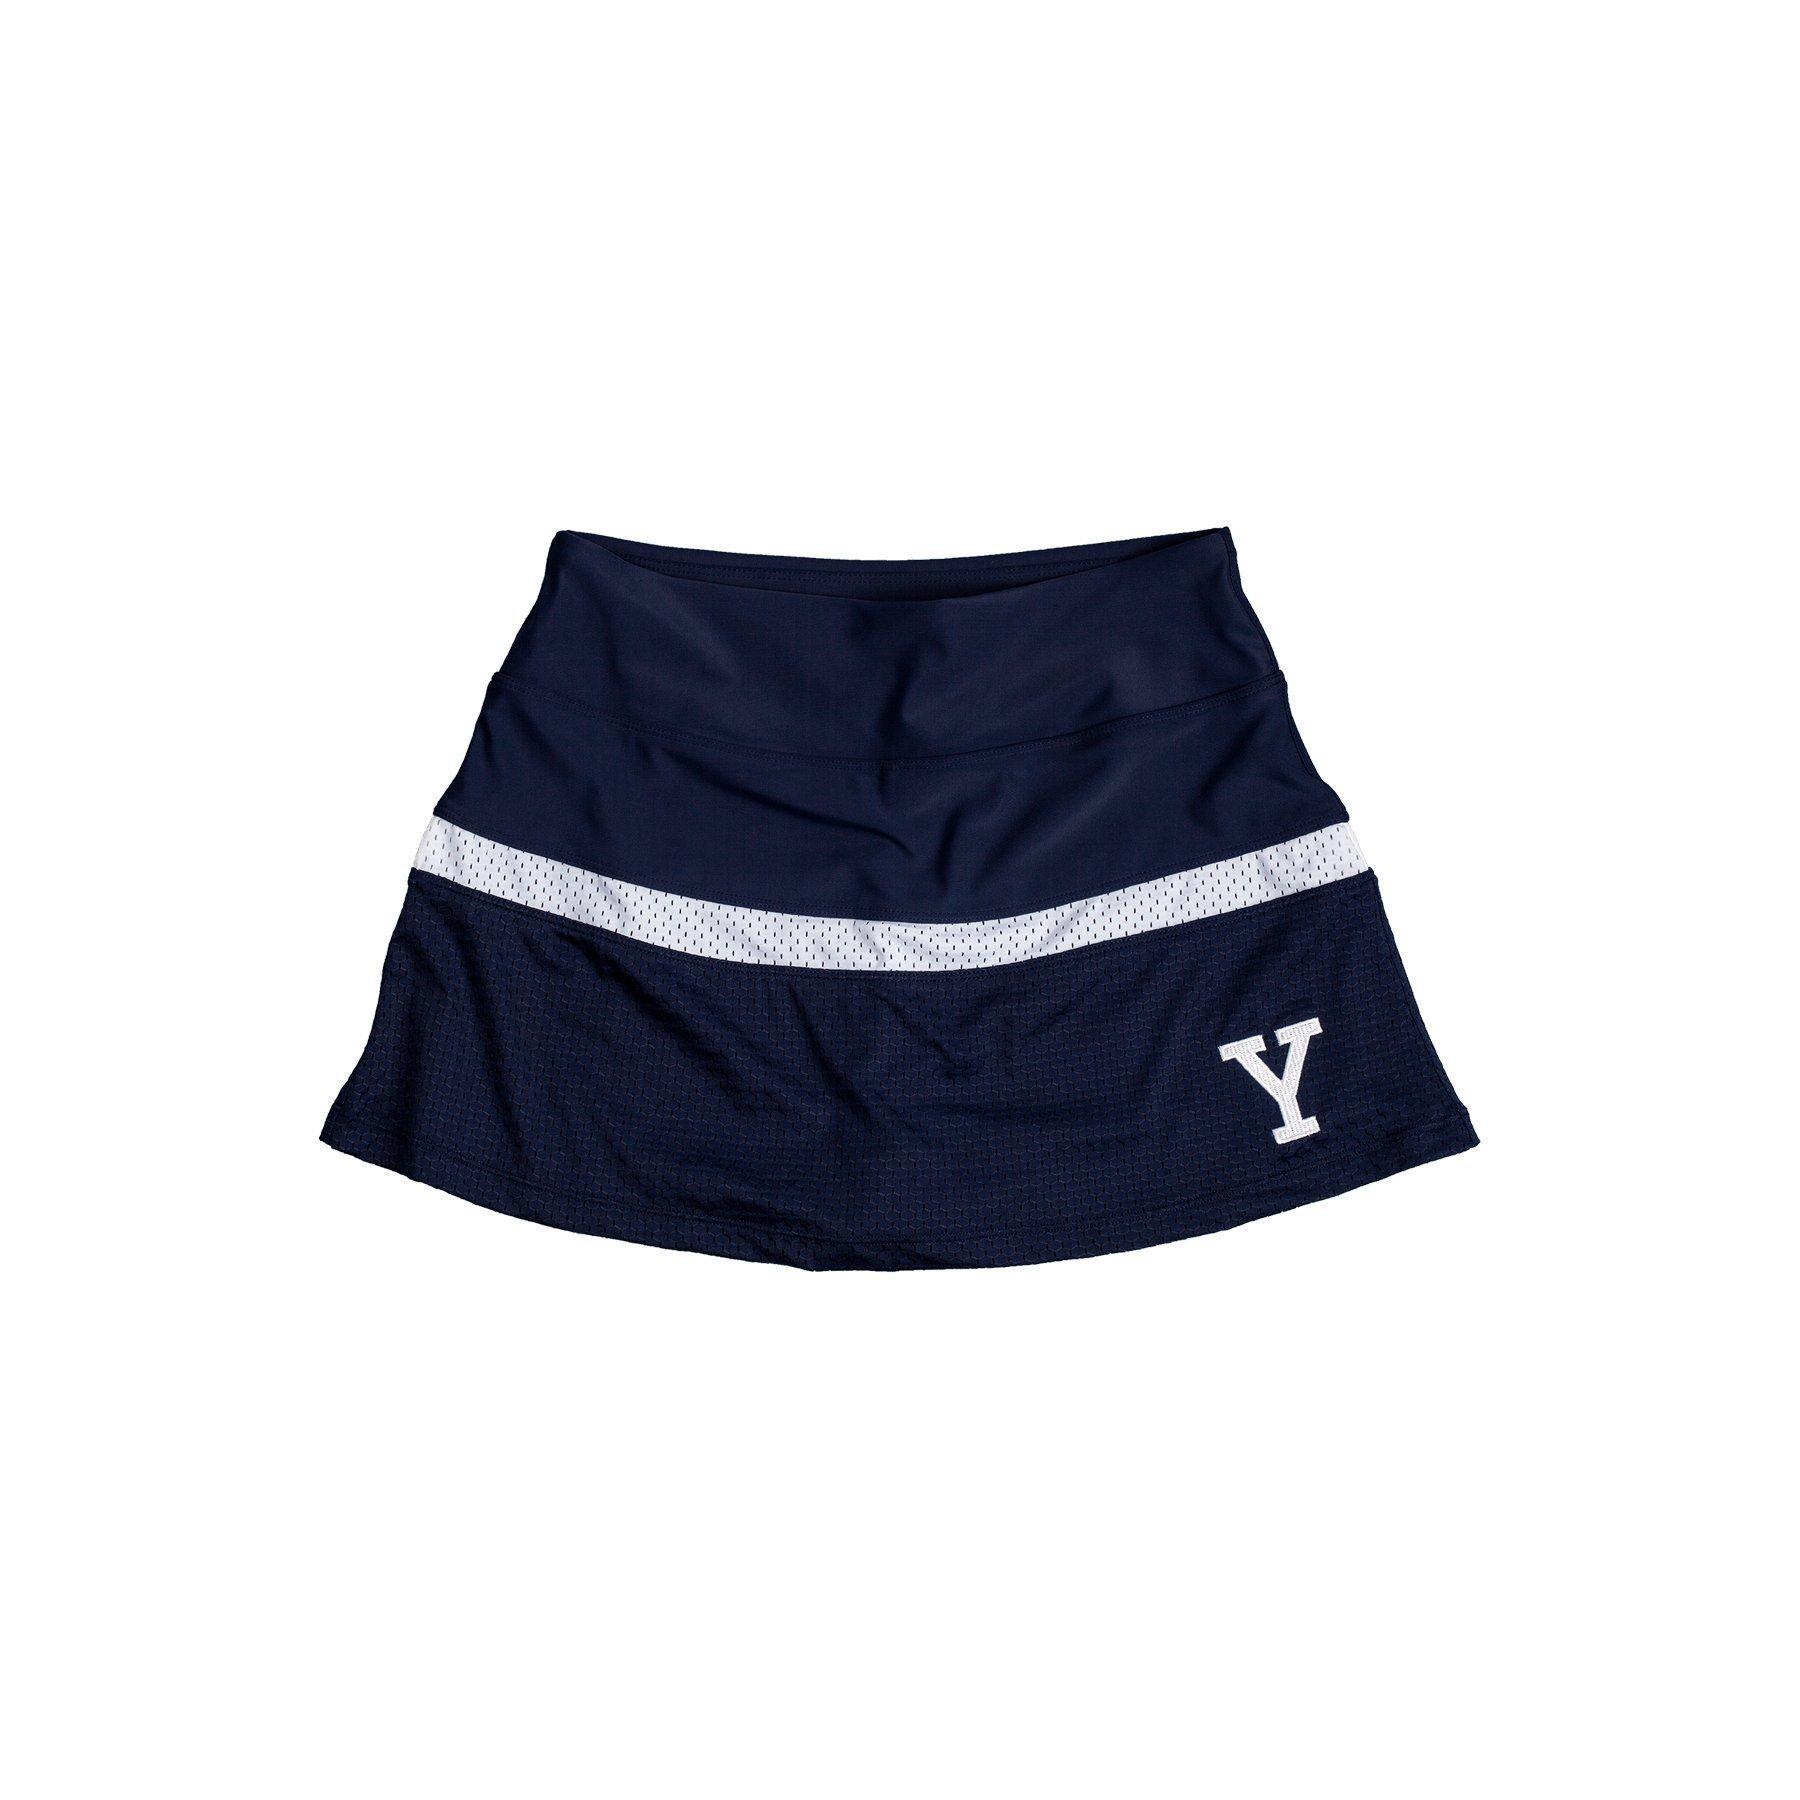 Yale University A-line Skort Size S